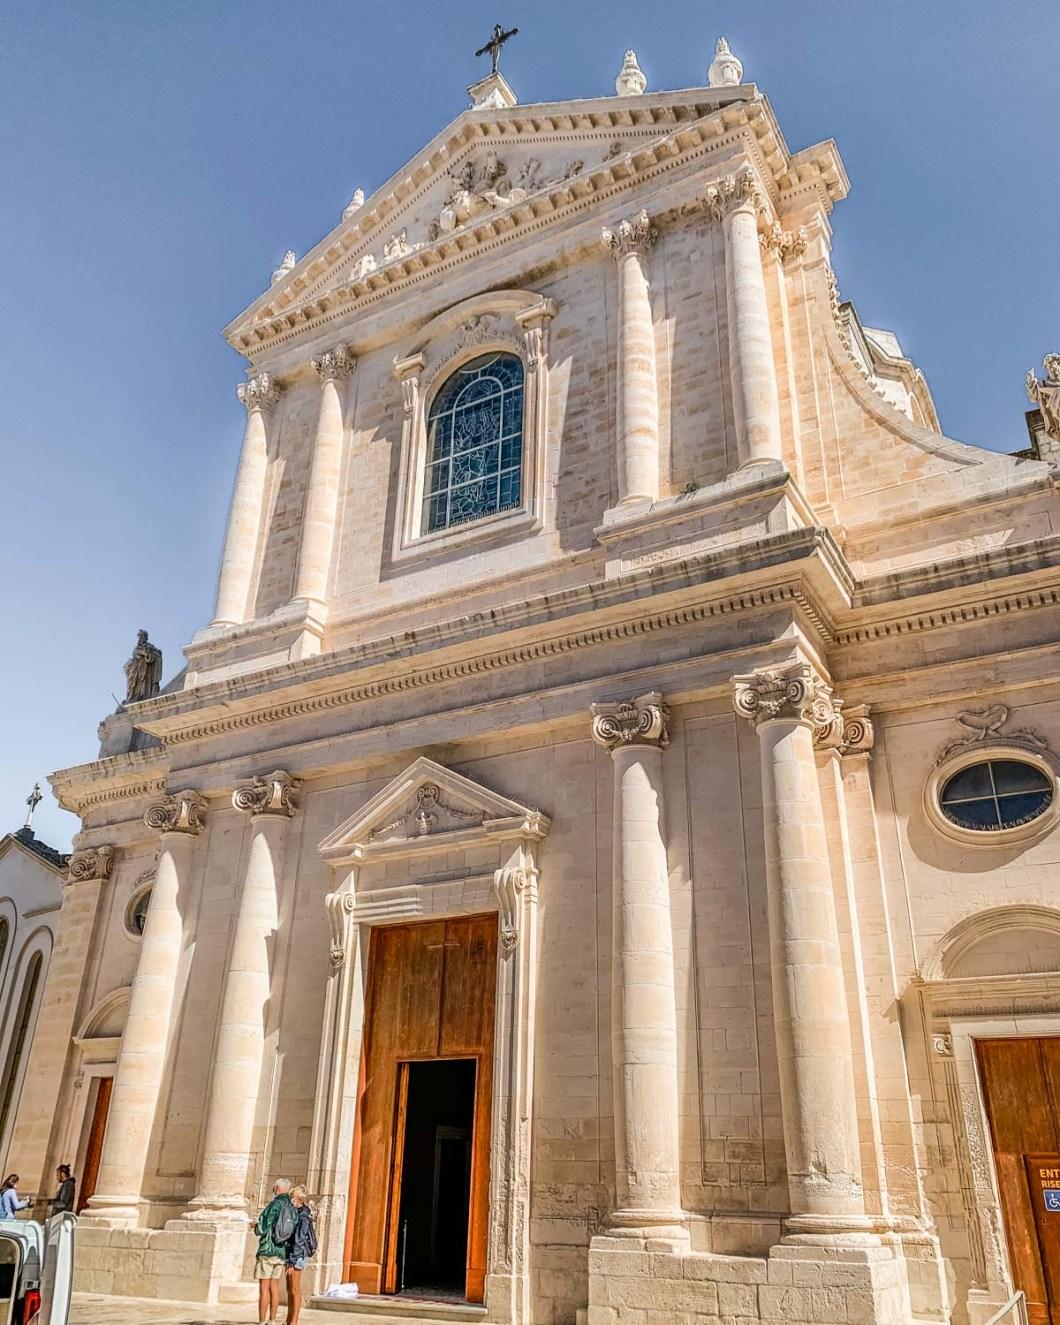 Chiesa Madre di San Giorgio - Church St. George the Martyr in Locorotondo - Puglia